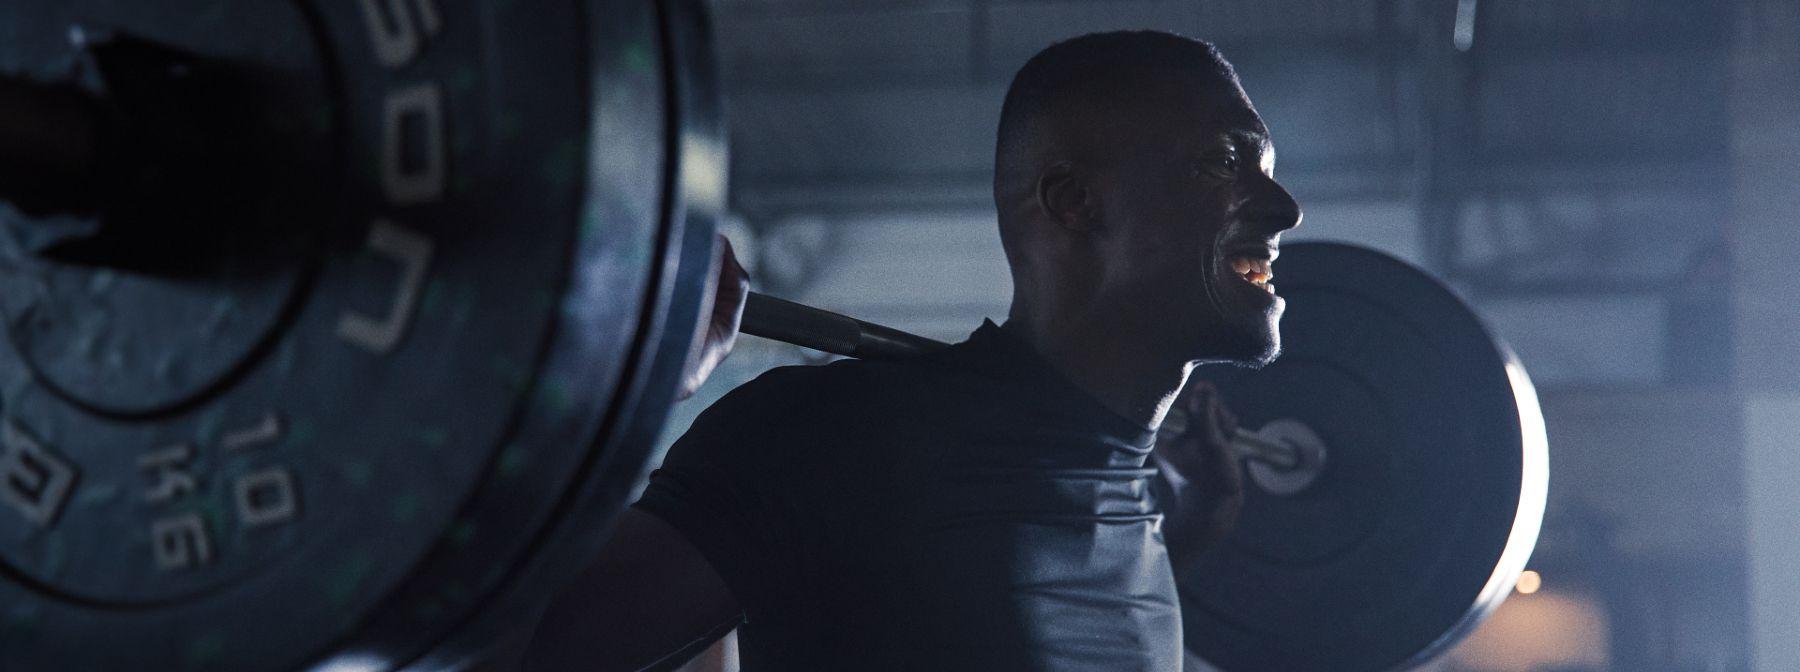 Esercizi per principianti: 17 esercizi a corpo libero e non